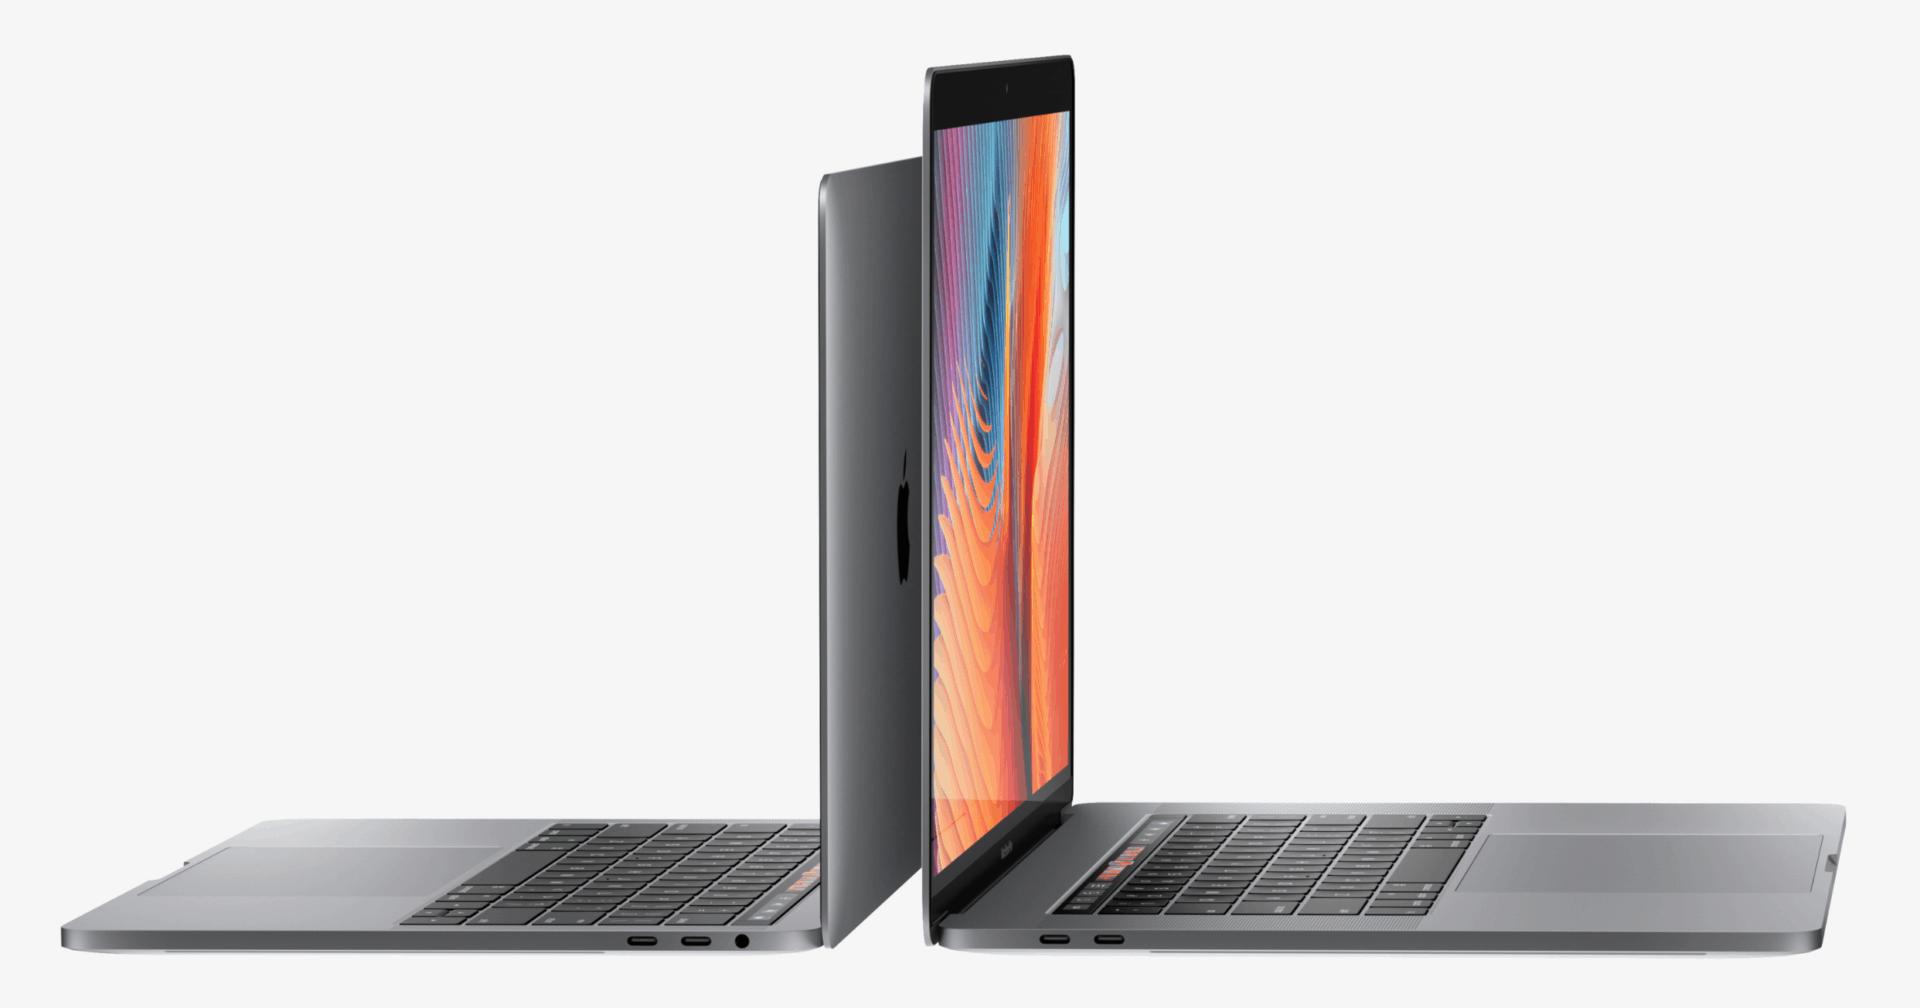 macbook-pro-2016-dabl